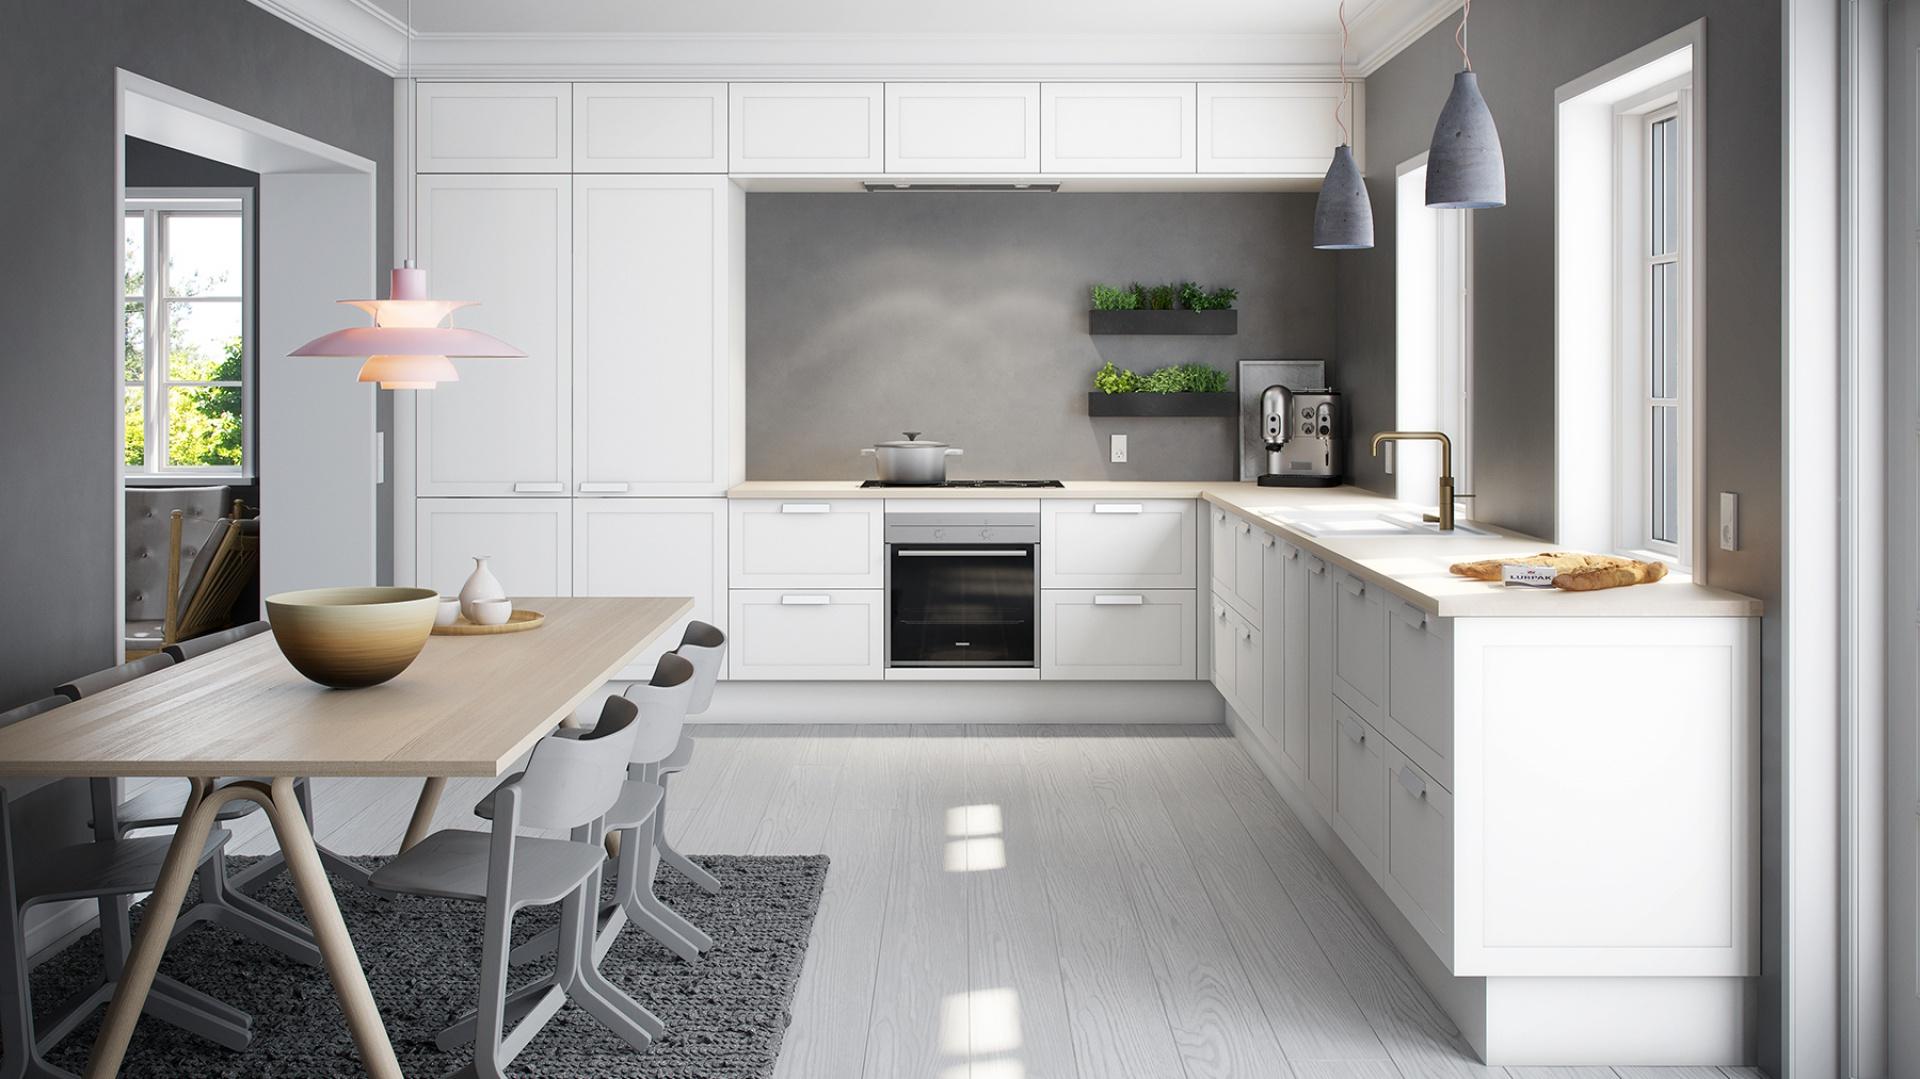 Bielone drewno na podłodze oraz blat kuchenny i stół jadalniany w kolorze jasnego drewna wpisują się w strategię ocieplania chłodnej aranżacji kuchni. Pięknie harmonizują z białymi meblami i szarą ścianą nad blatem. Fot. Svane, kuchnia Retro.